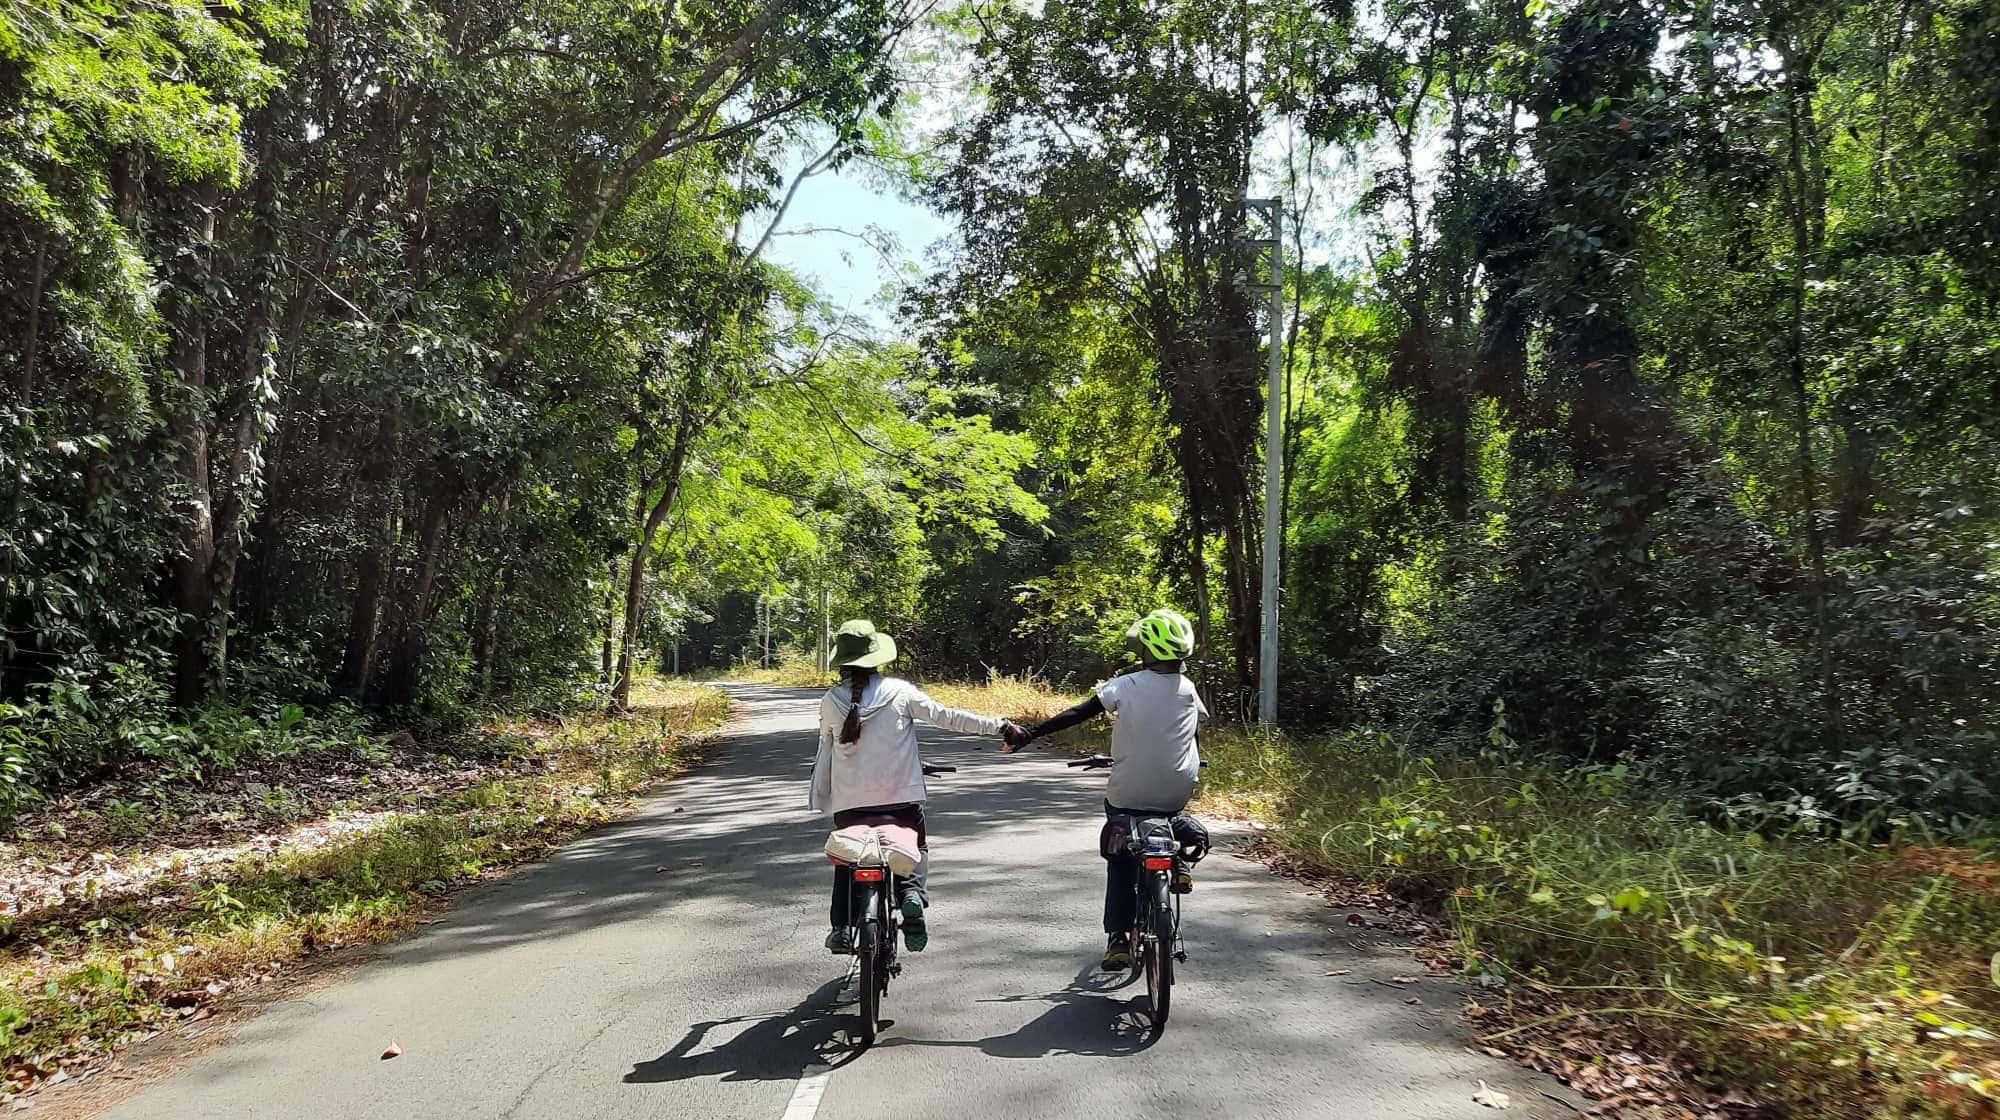 Đạp xe xuyên rừng khám phá thác Mai 2 ngày 1 đêm